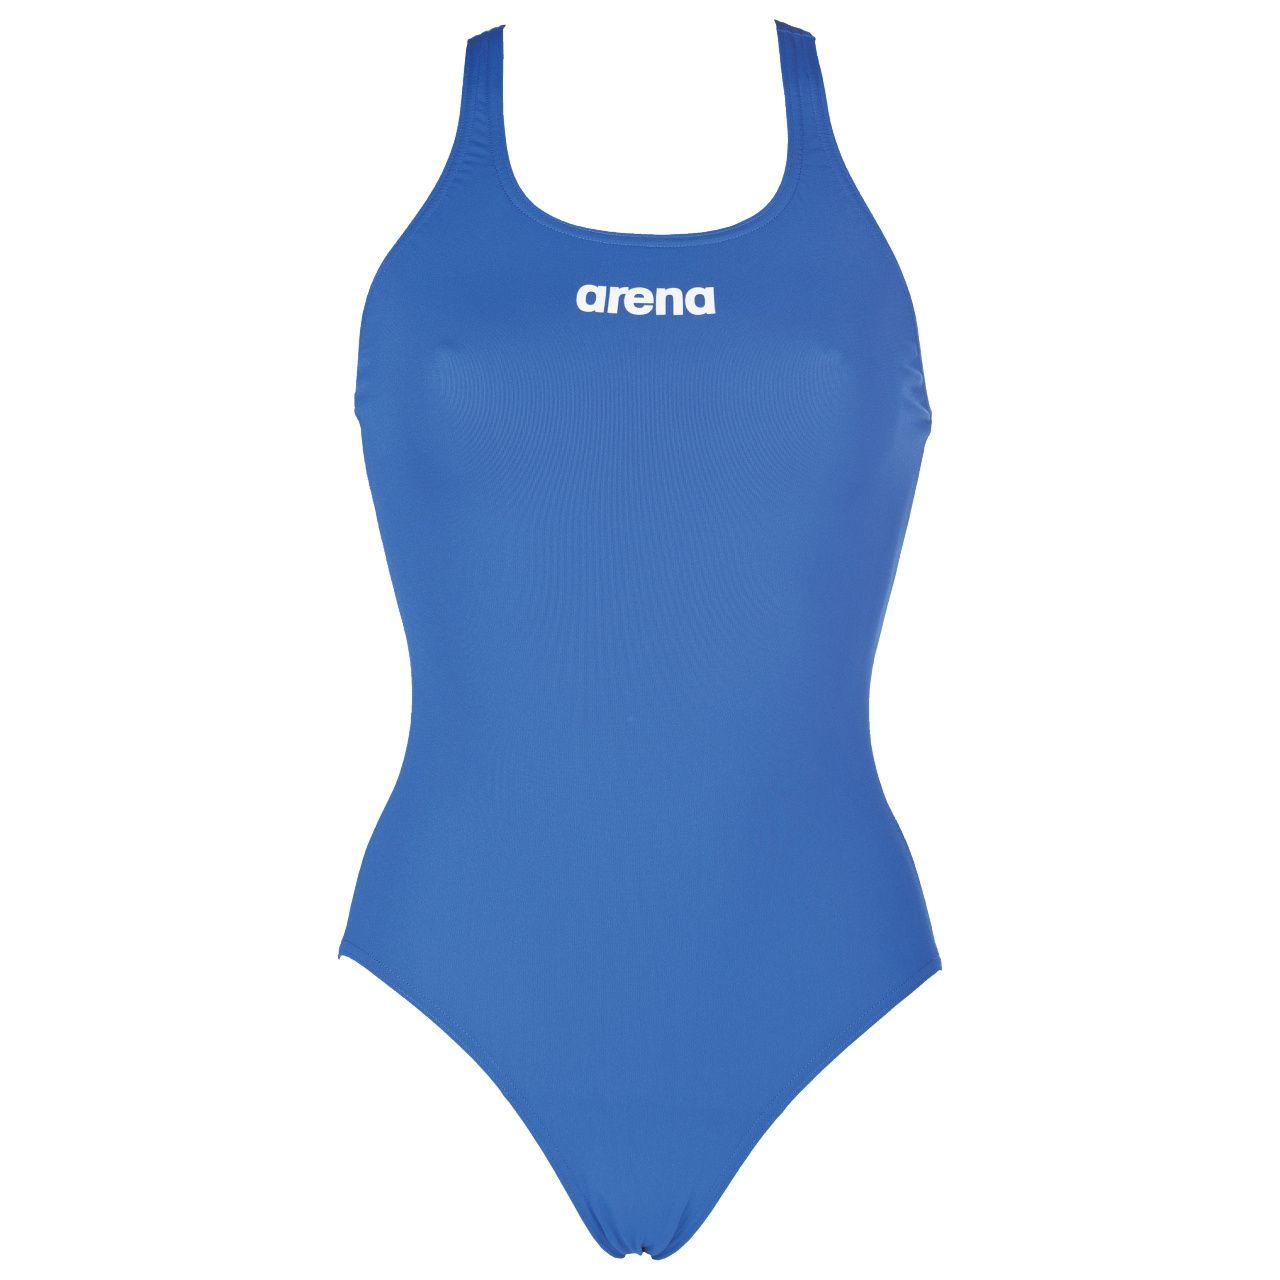 Traje de Baño Deportivo arena para Niña Solid Swim Pro con Forro_75956